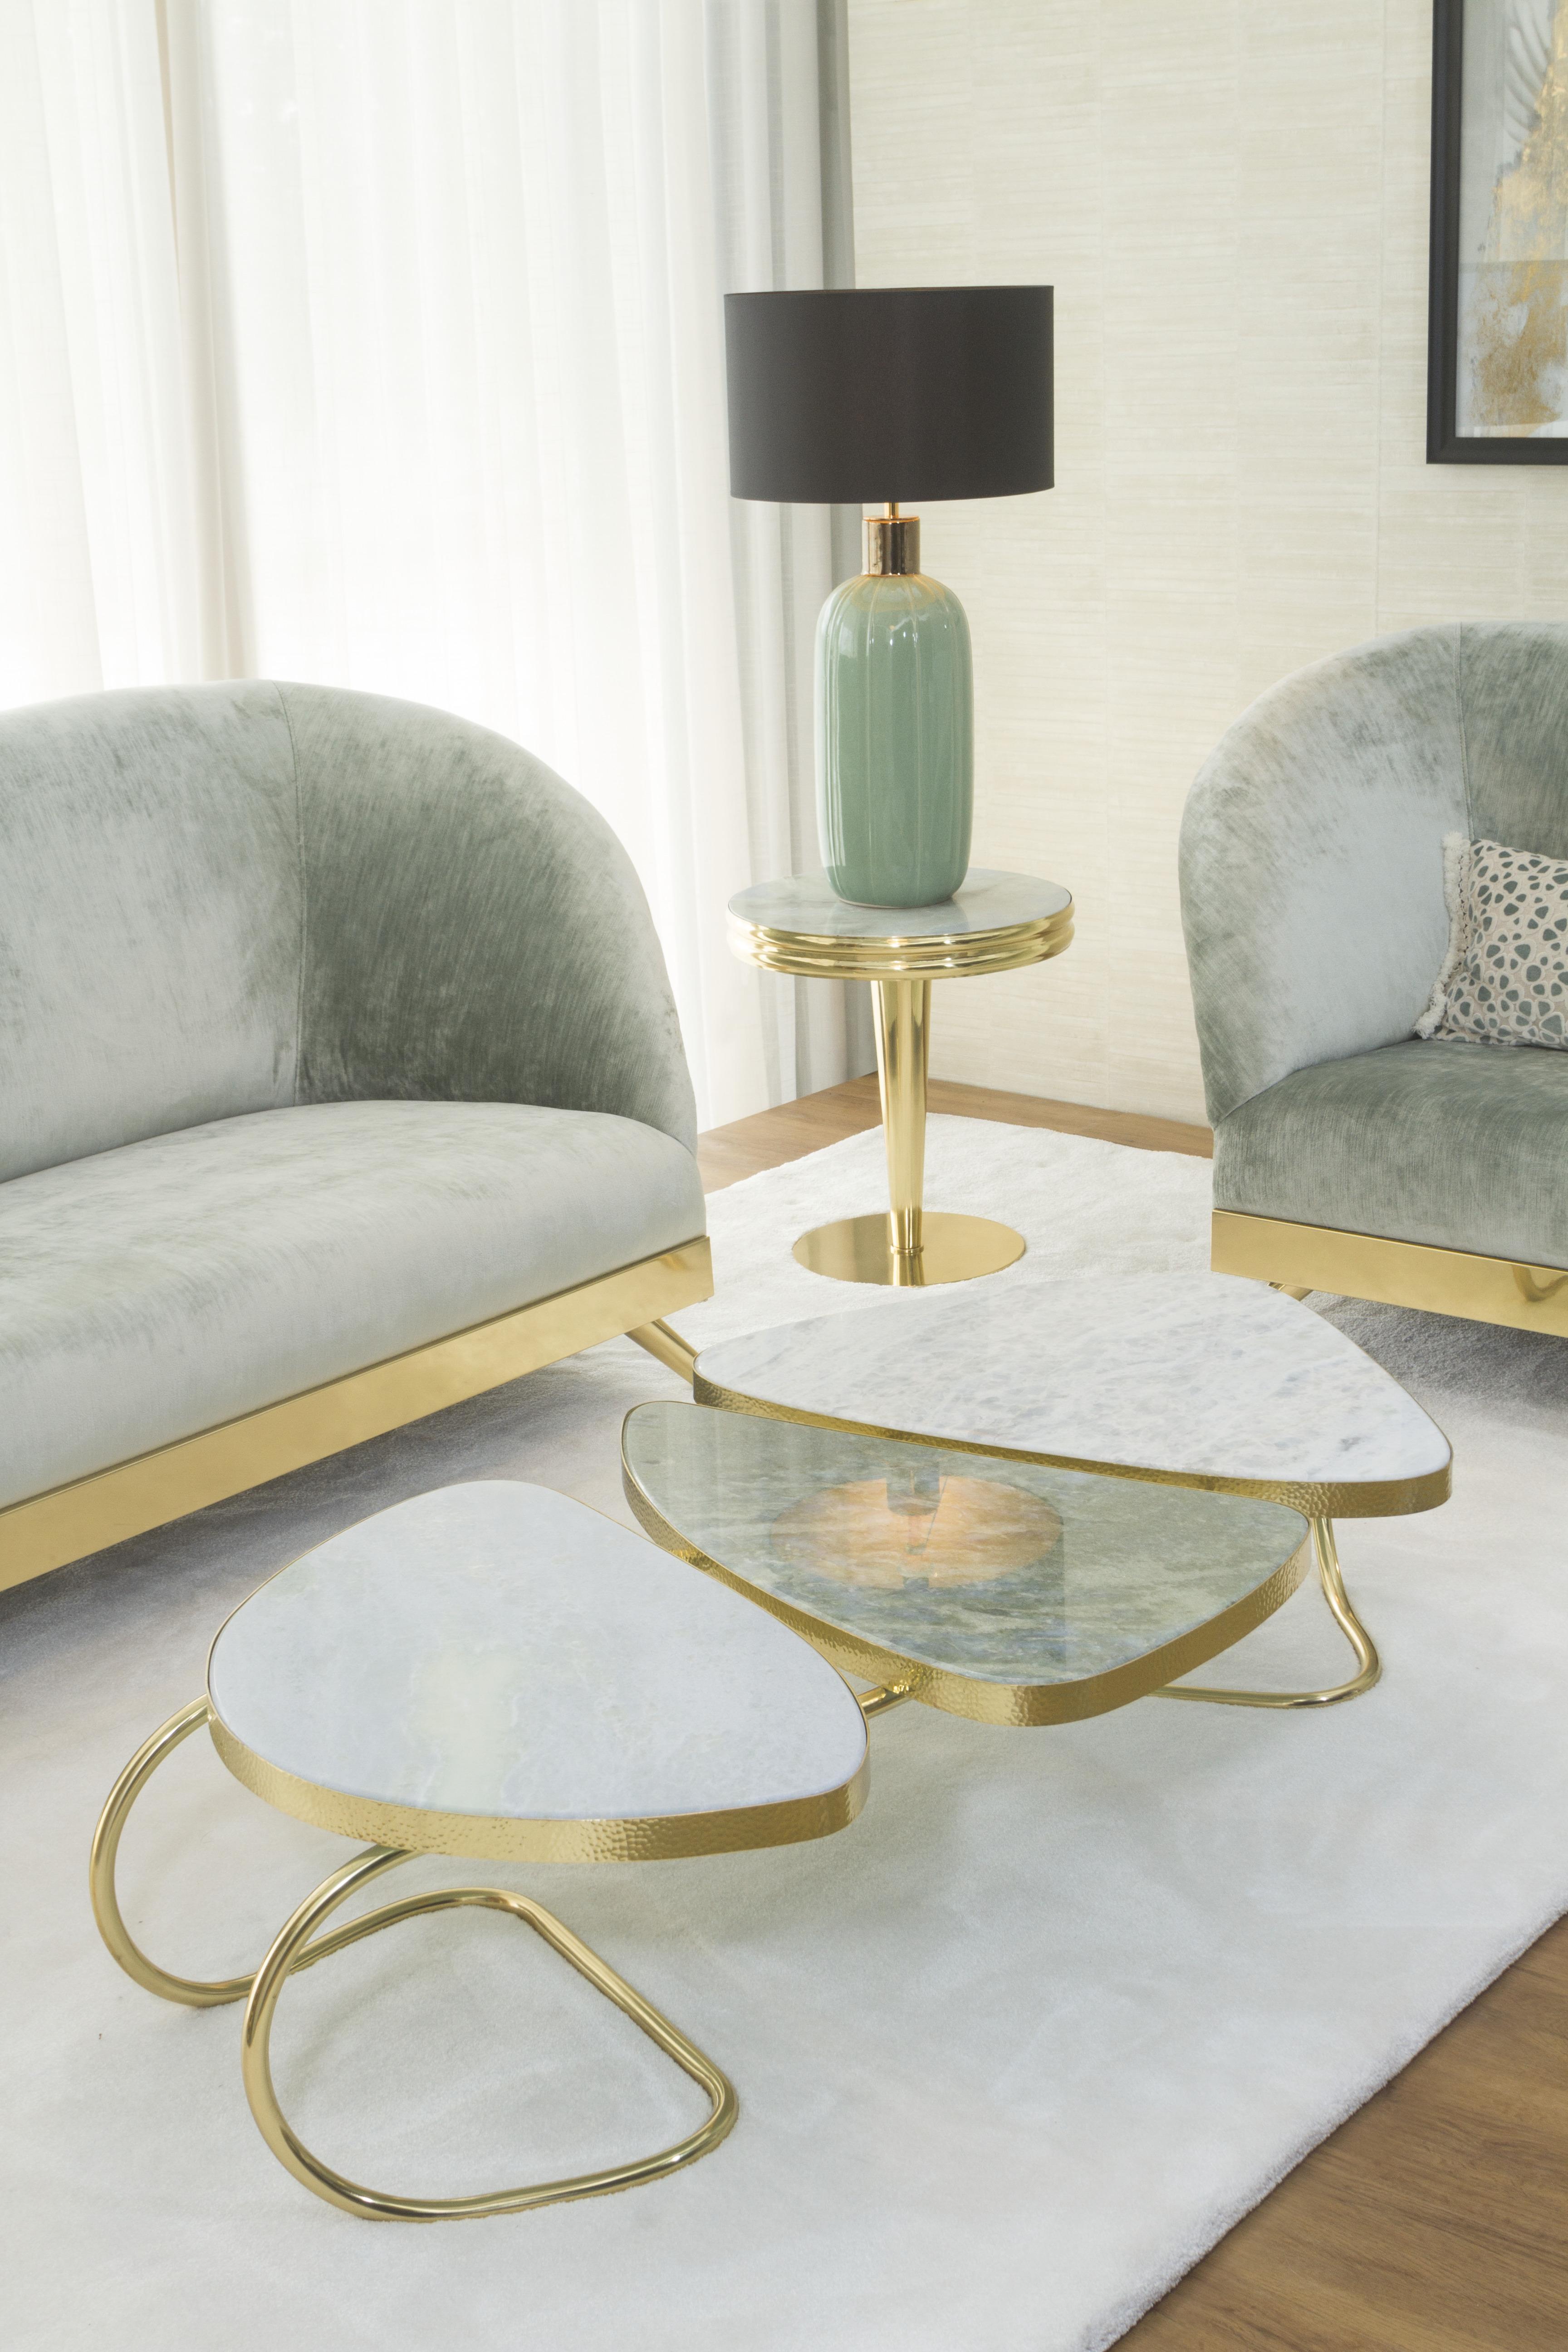 Green Apple Furniture